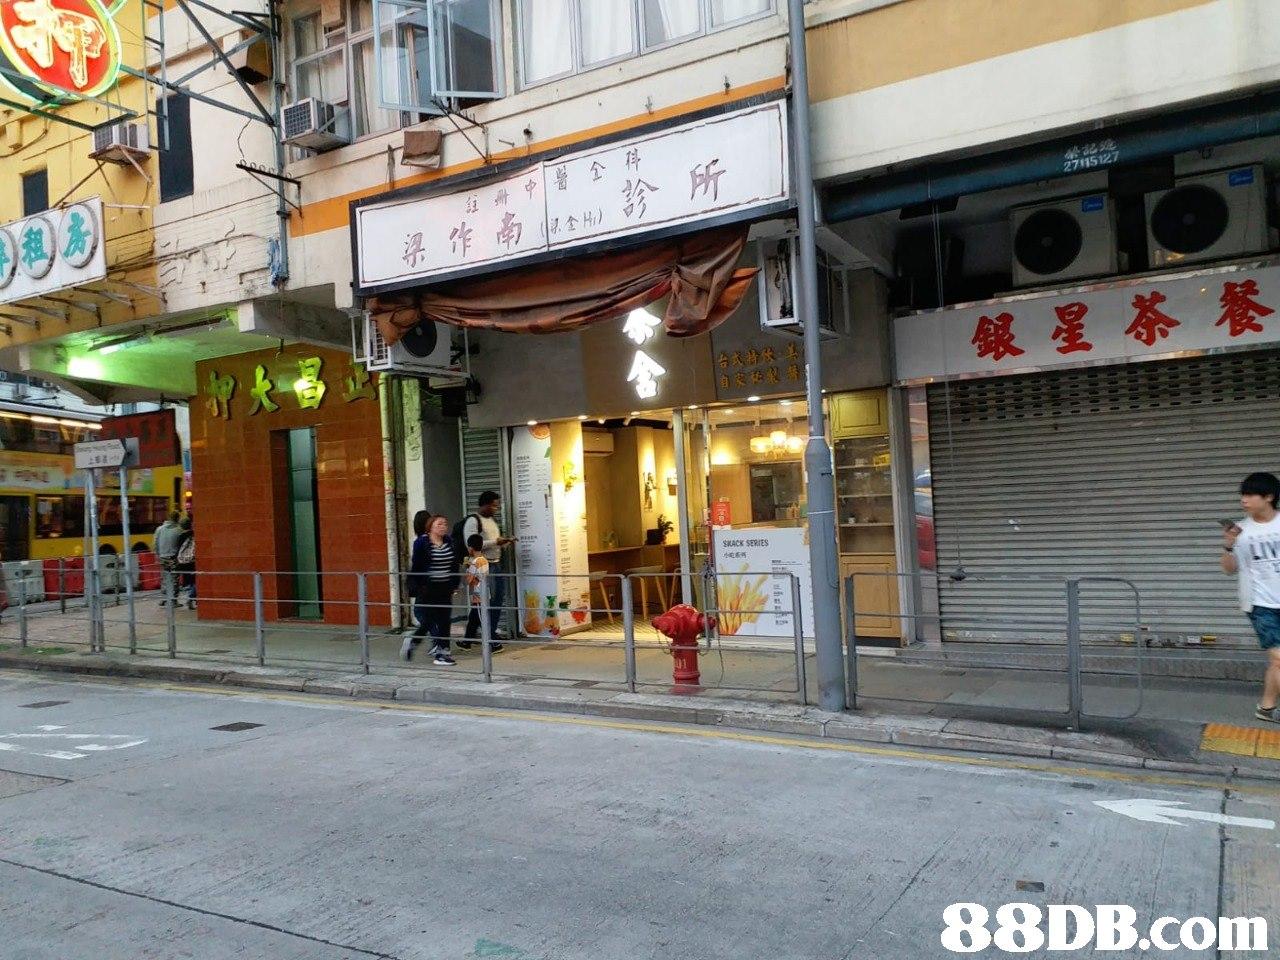 27115127 銀星茶餐 SKACK SERIES   Building,Street,Pedestrian,